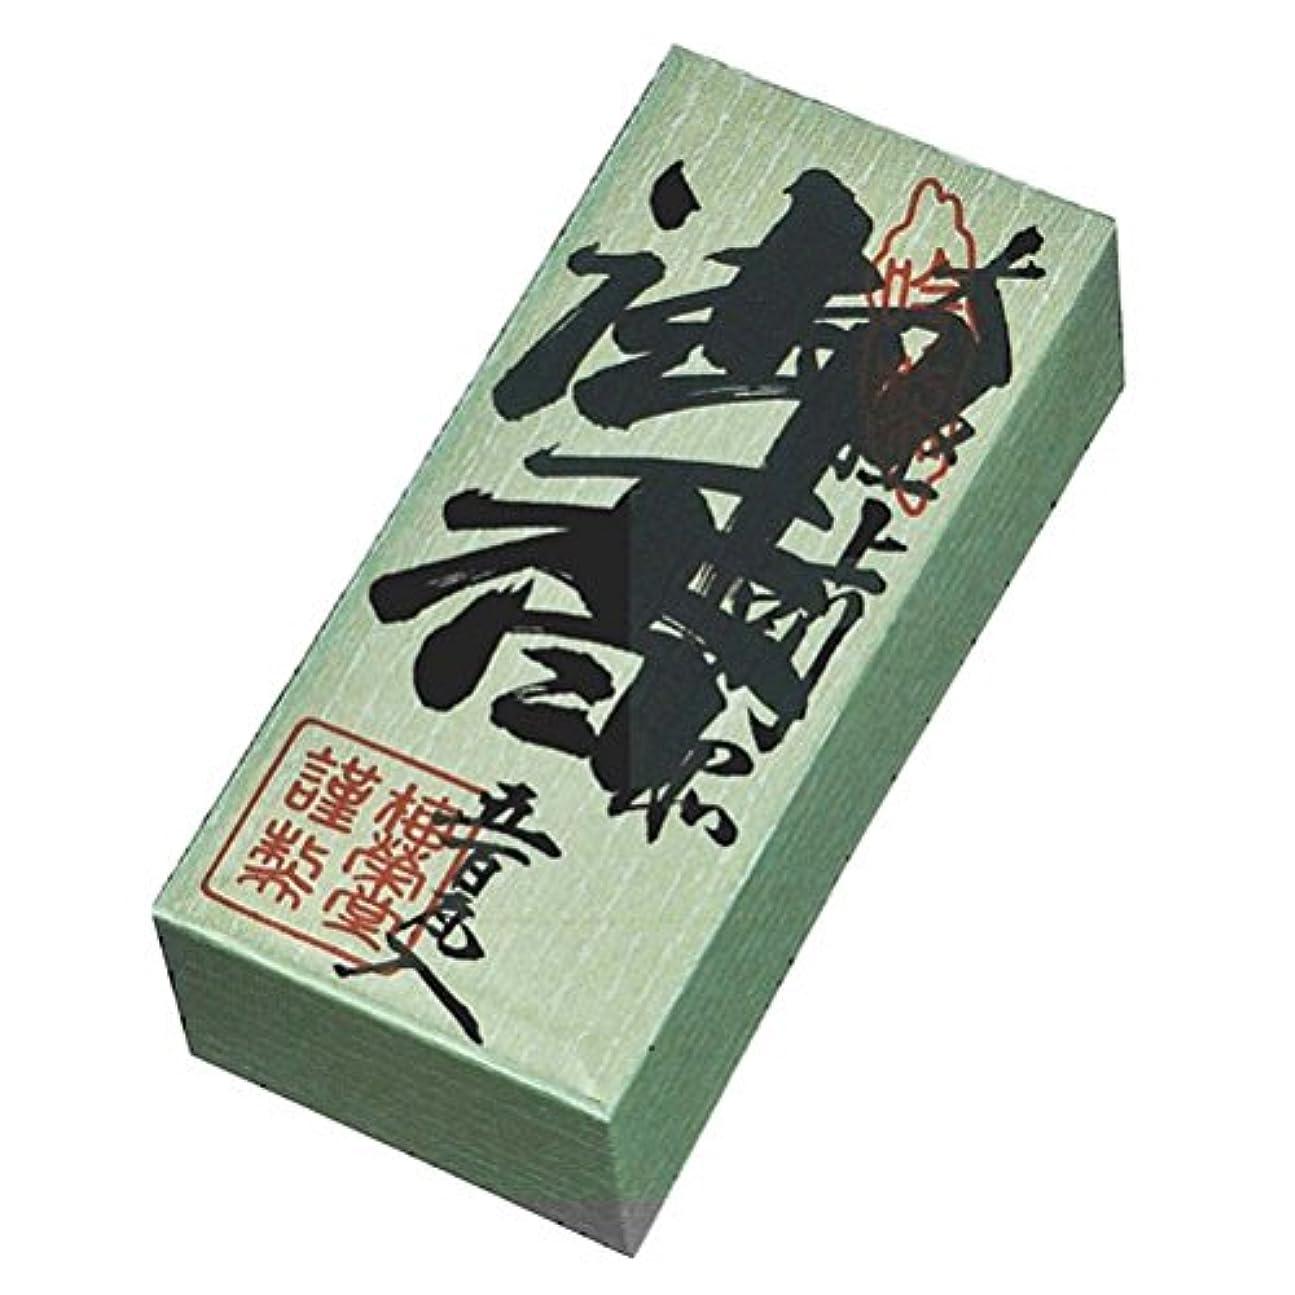 シプリー奪うエコー仙寿印 500g 紙箱入り お焼香 梅栄堂